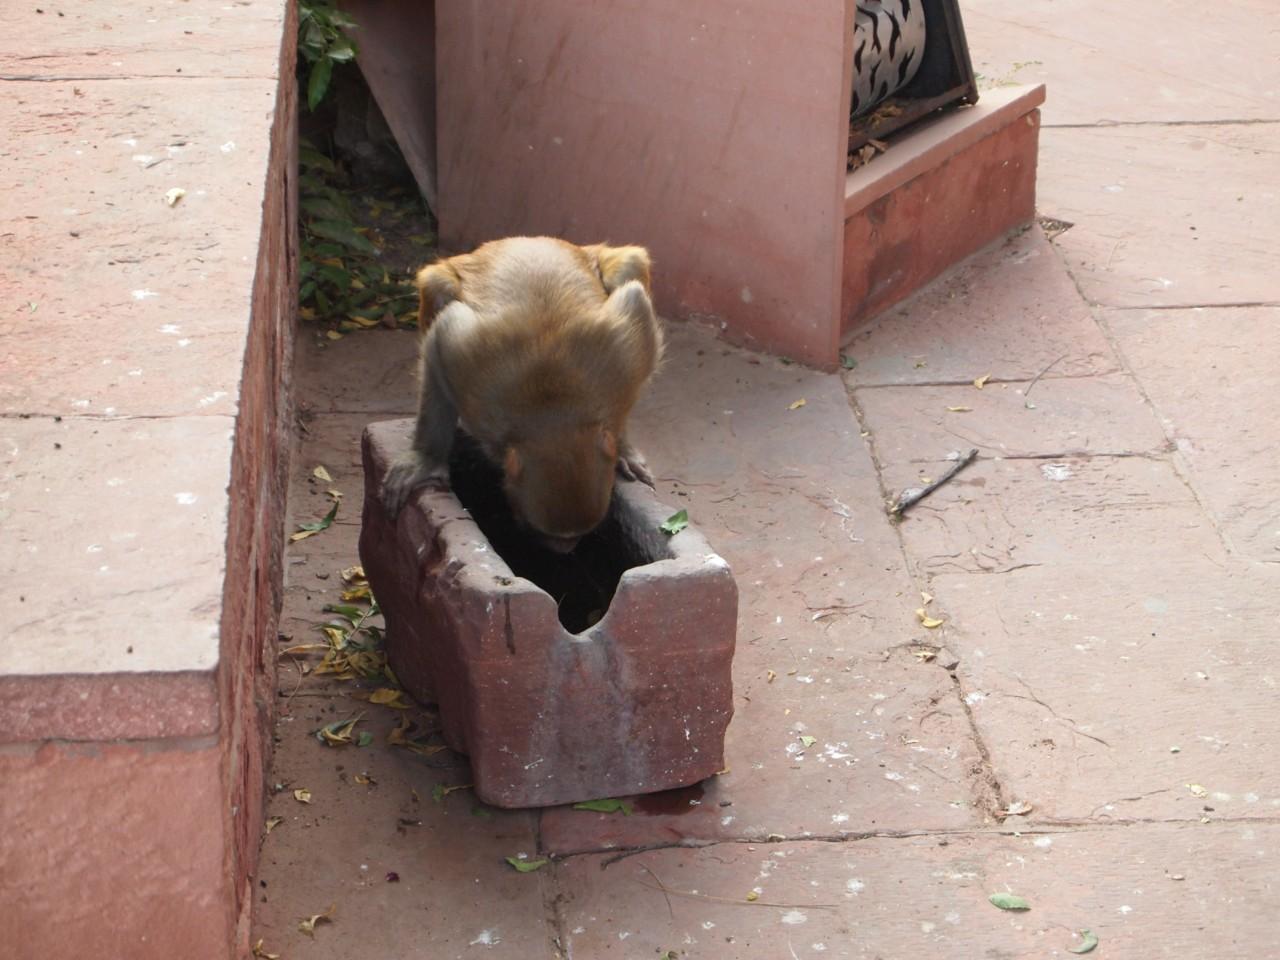 Viele Affen leben im Fort